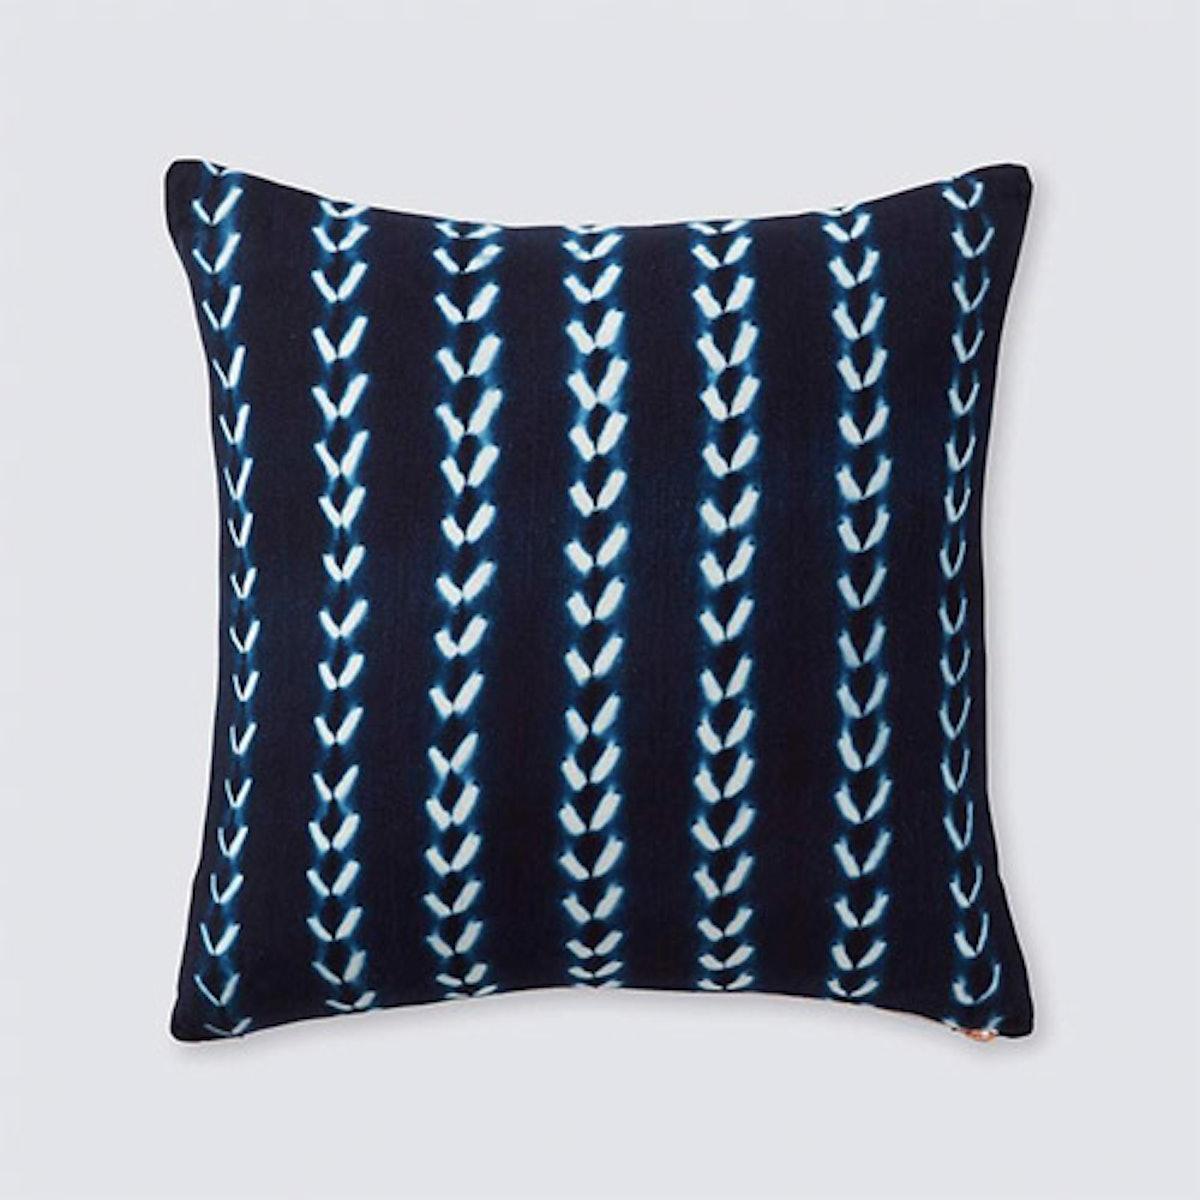 Bakoy Indigo Pillow